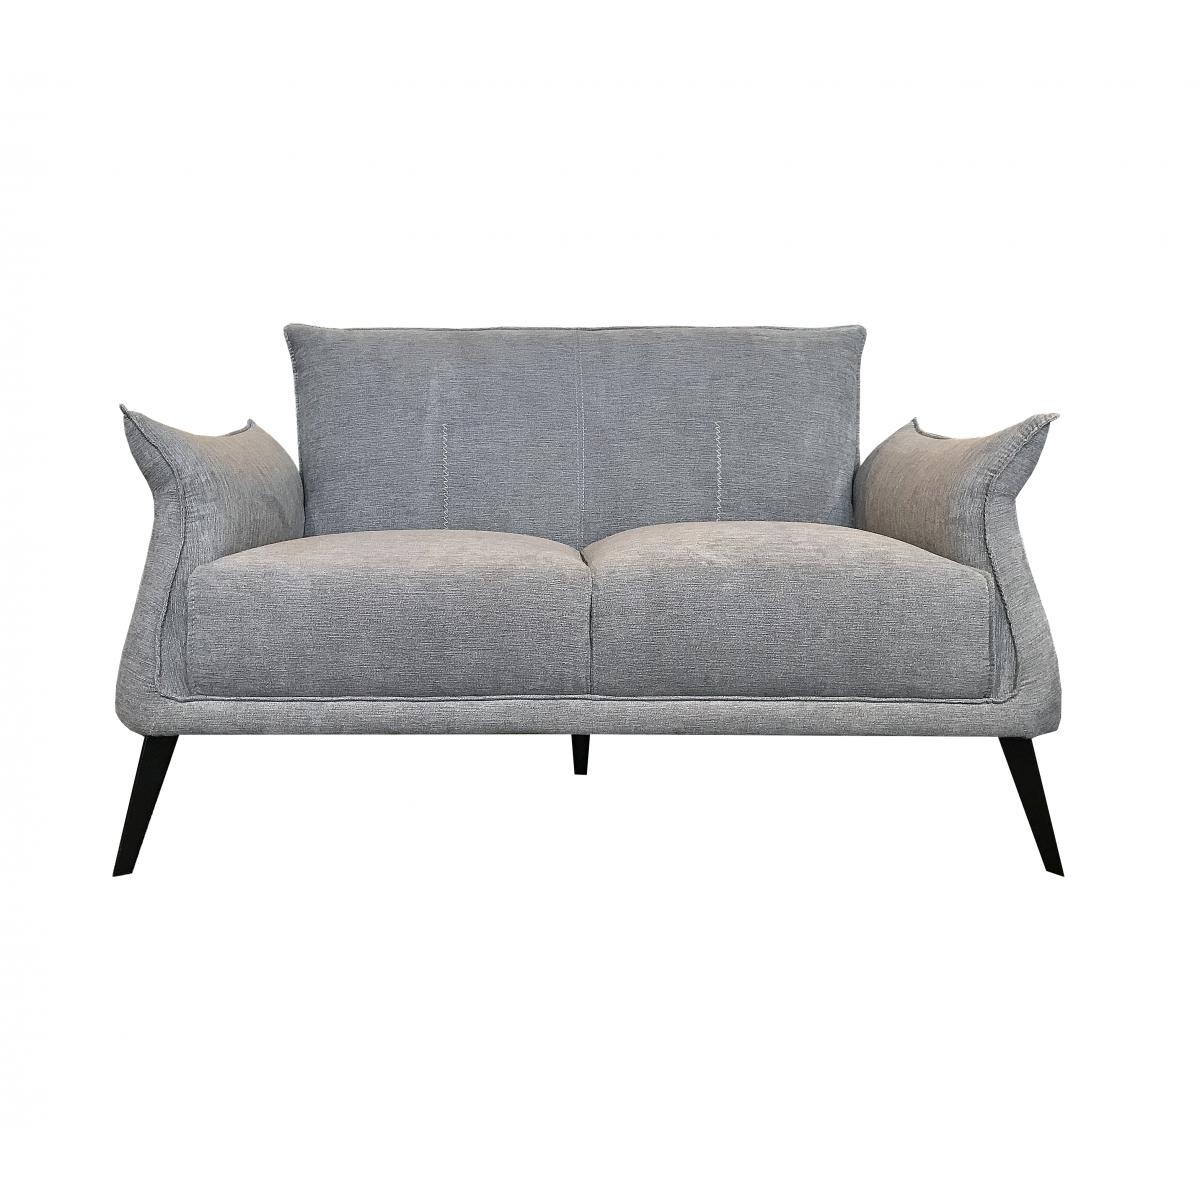 Wendaline Fabric Sofa